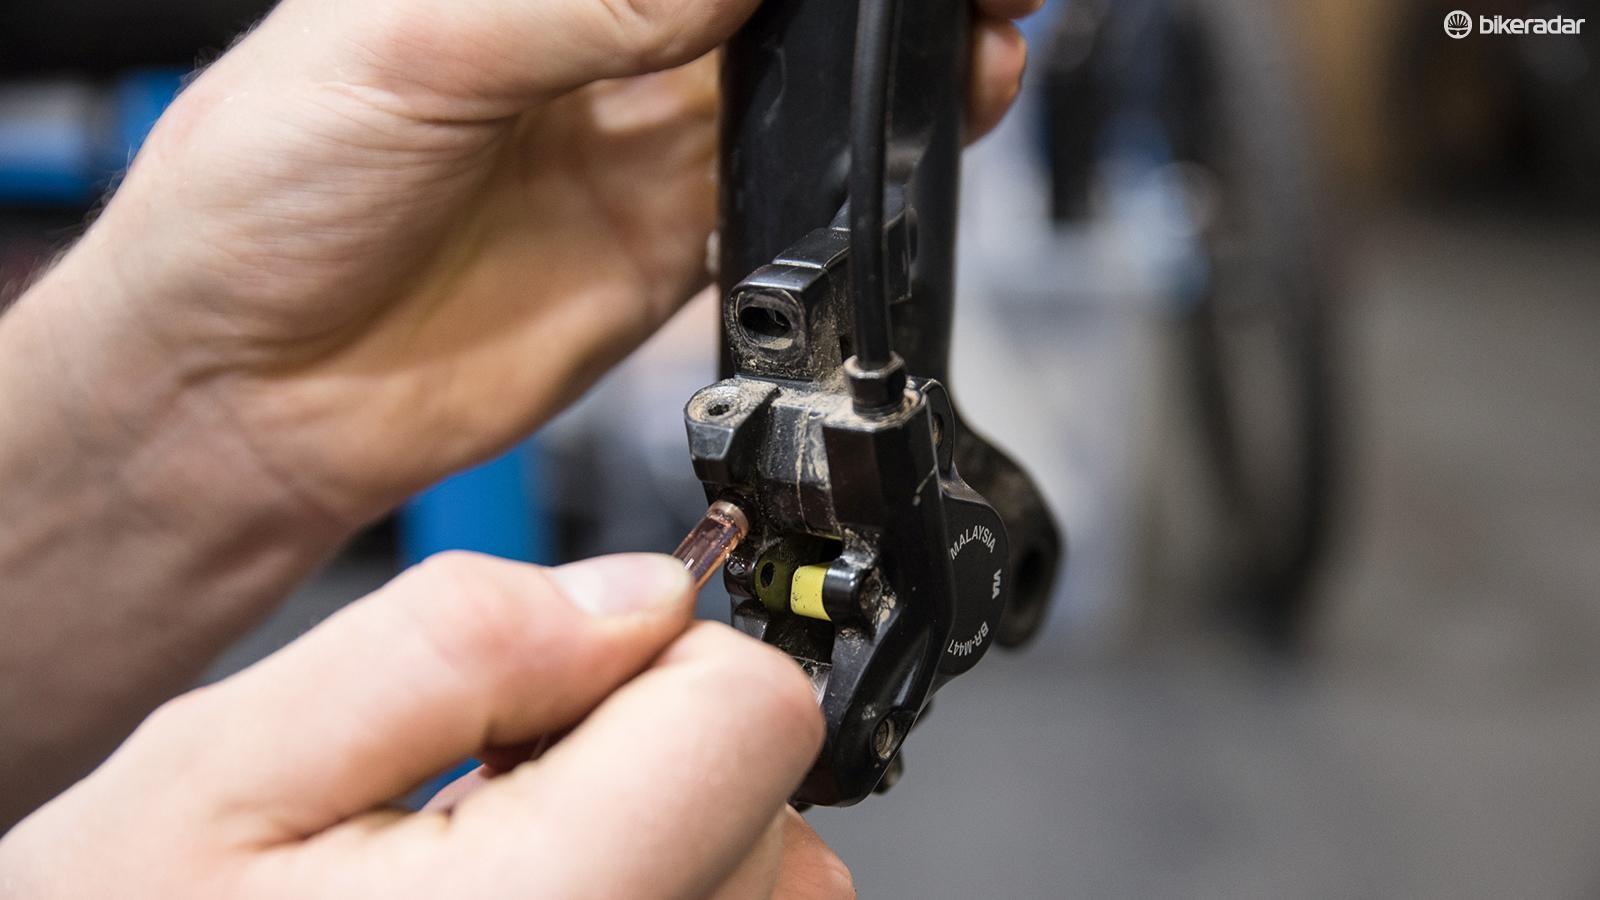 tips-for-bleeding-shimano-brake-03-1519948261055-ovwru7v19vok-1535015236452-17tifvmn5z2wc-9a50039